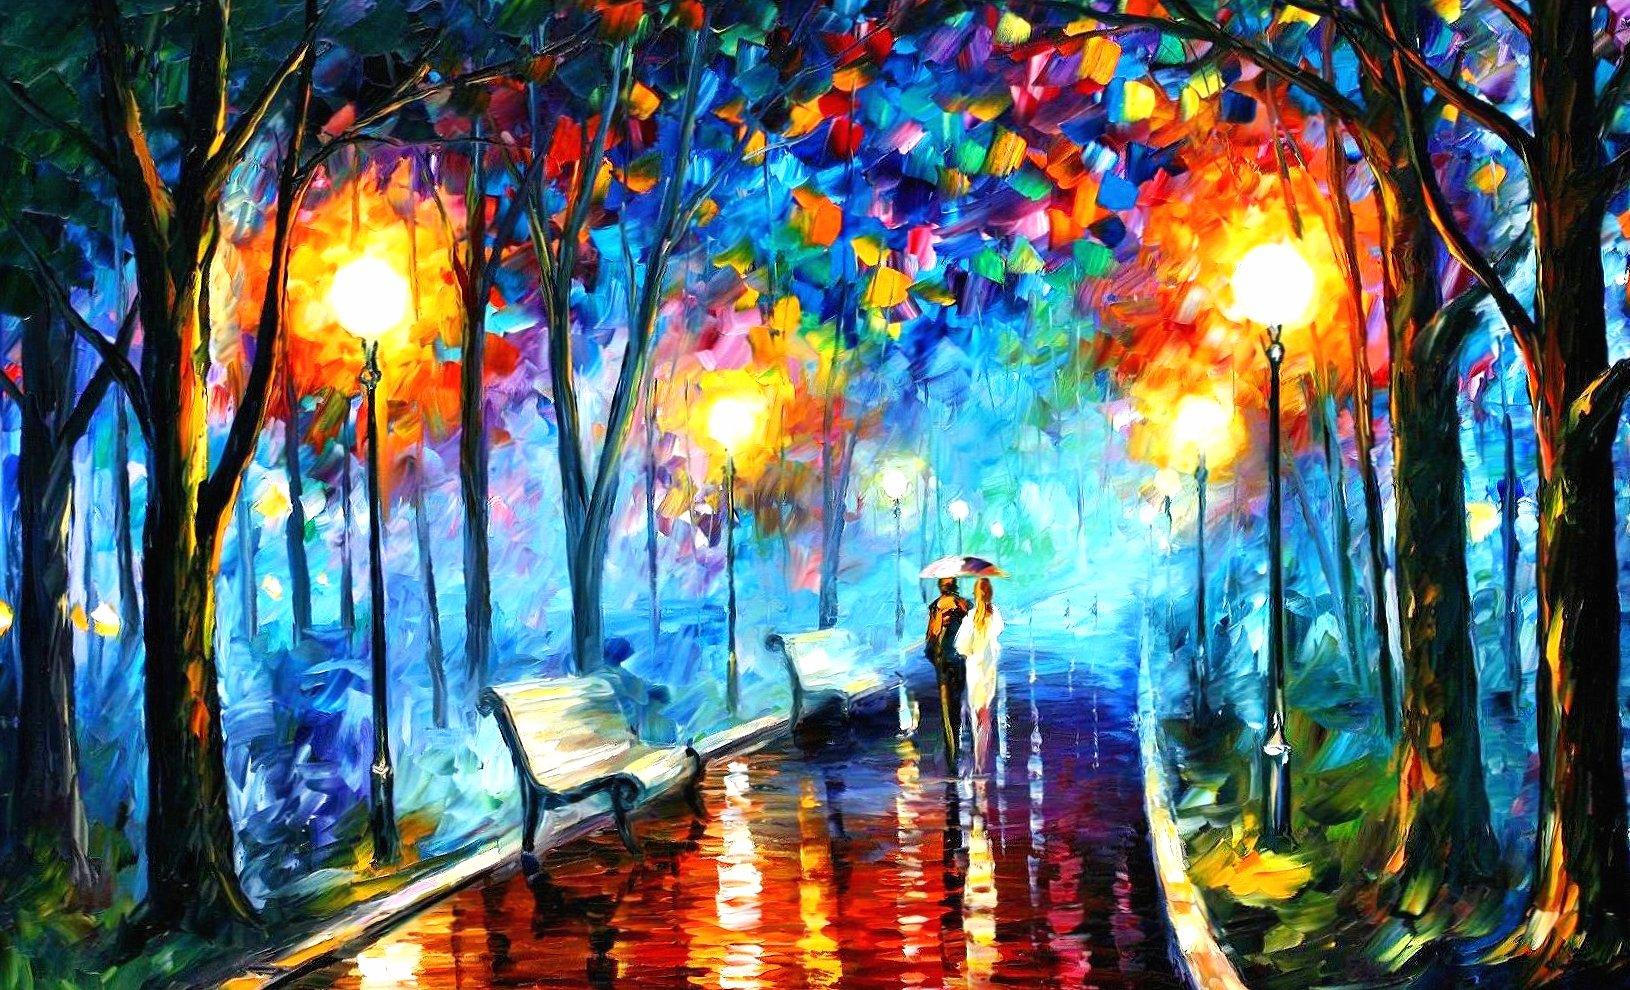 vincent van gogh santa lighs night umbrella wallpapers HD quality